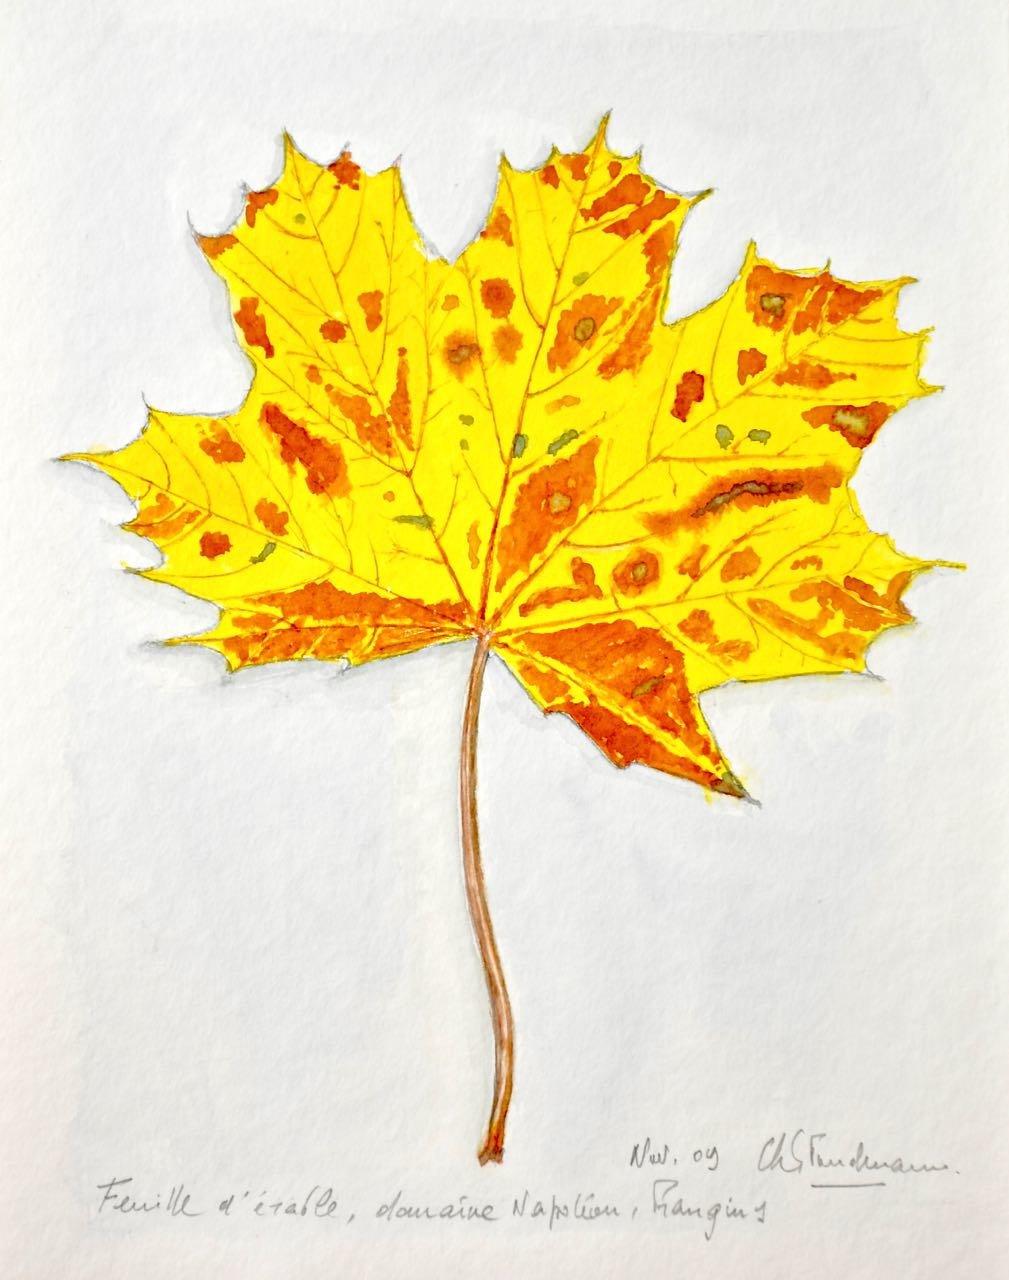 Feuille d'érable, automne